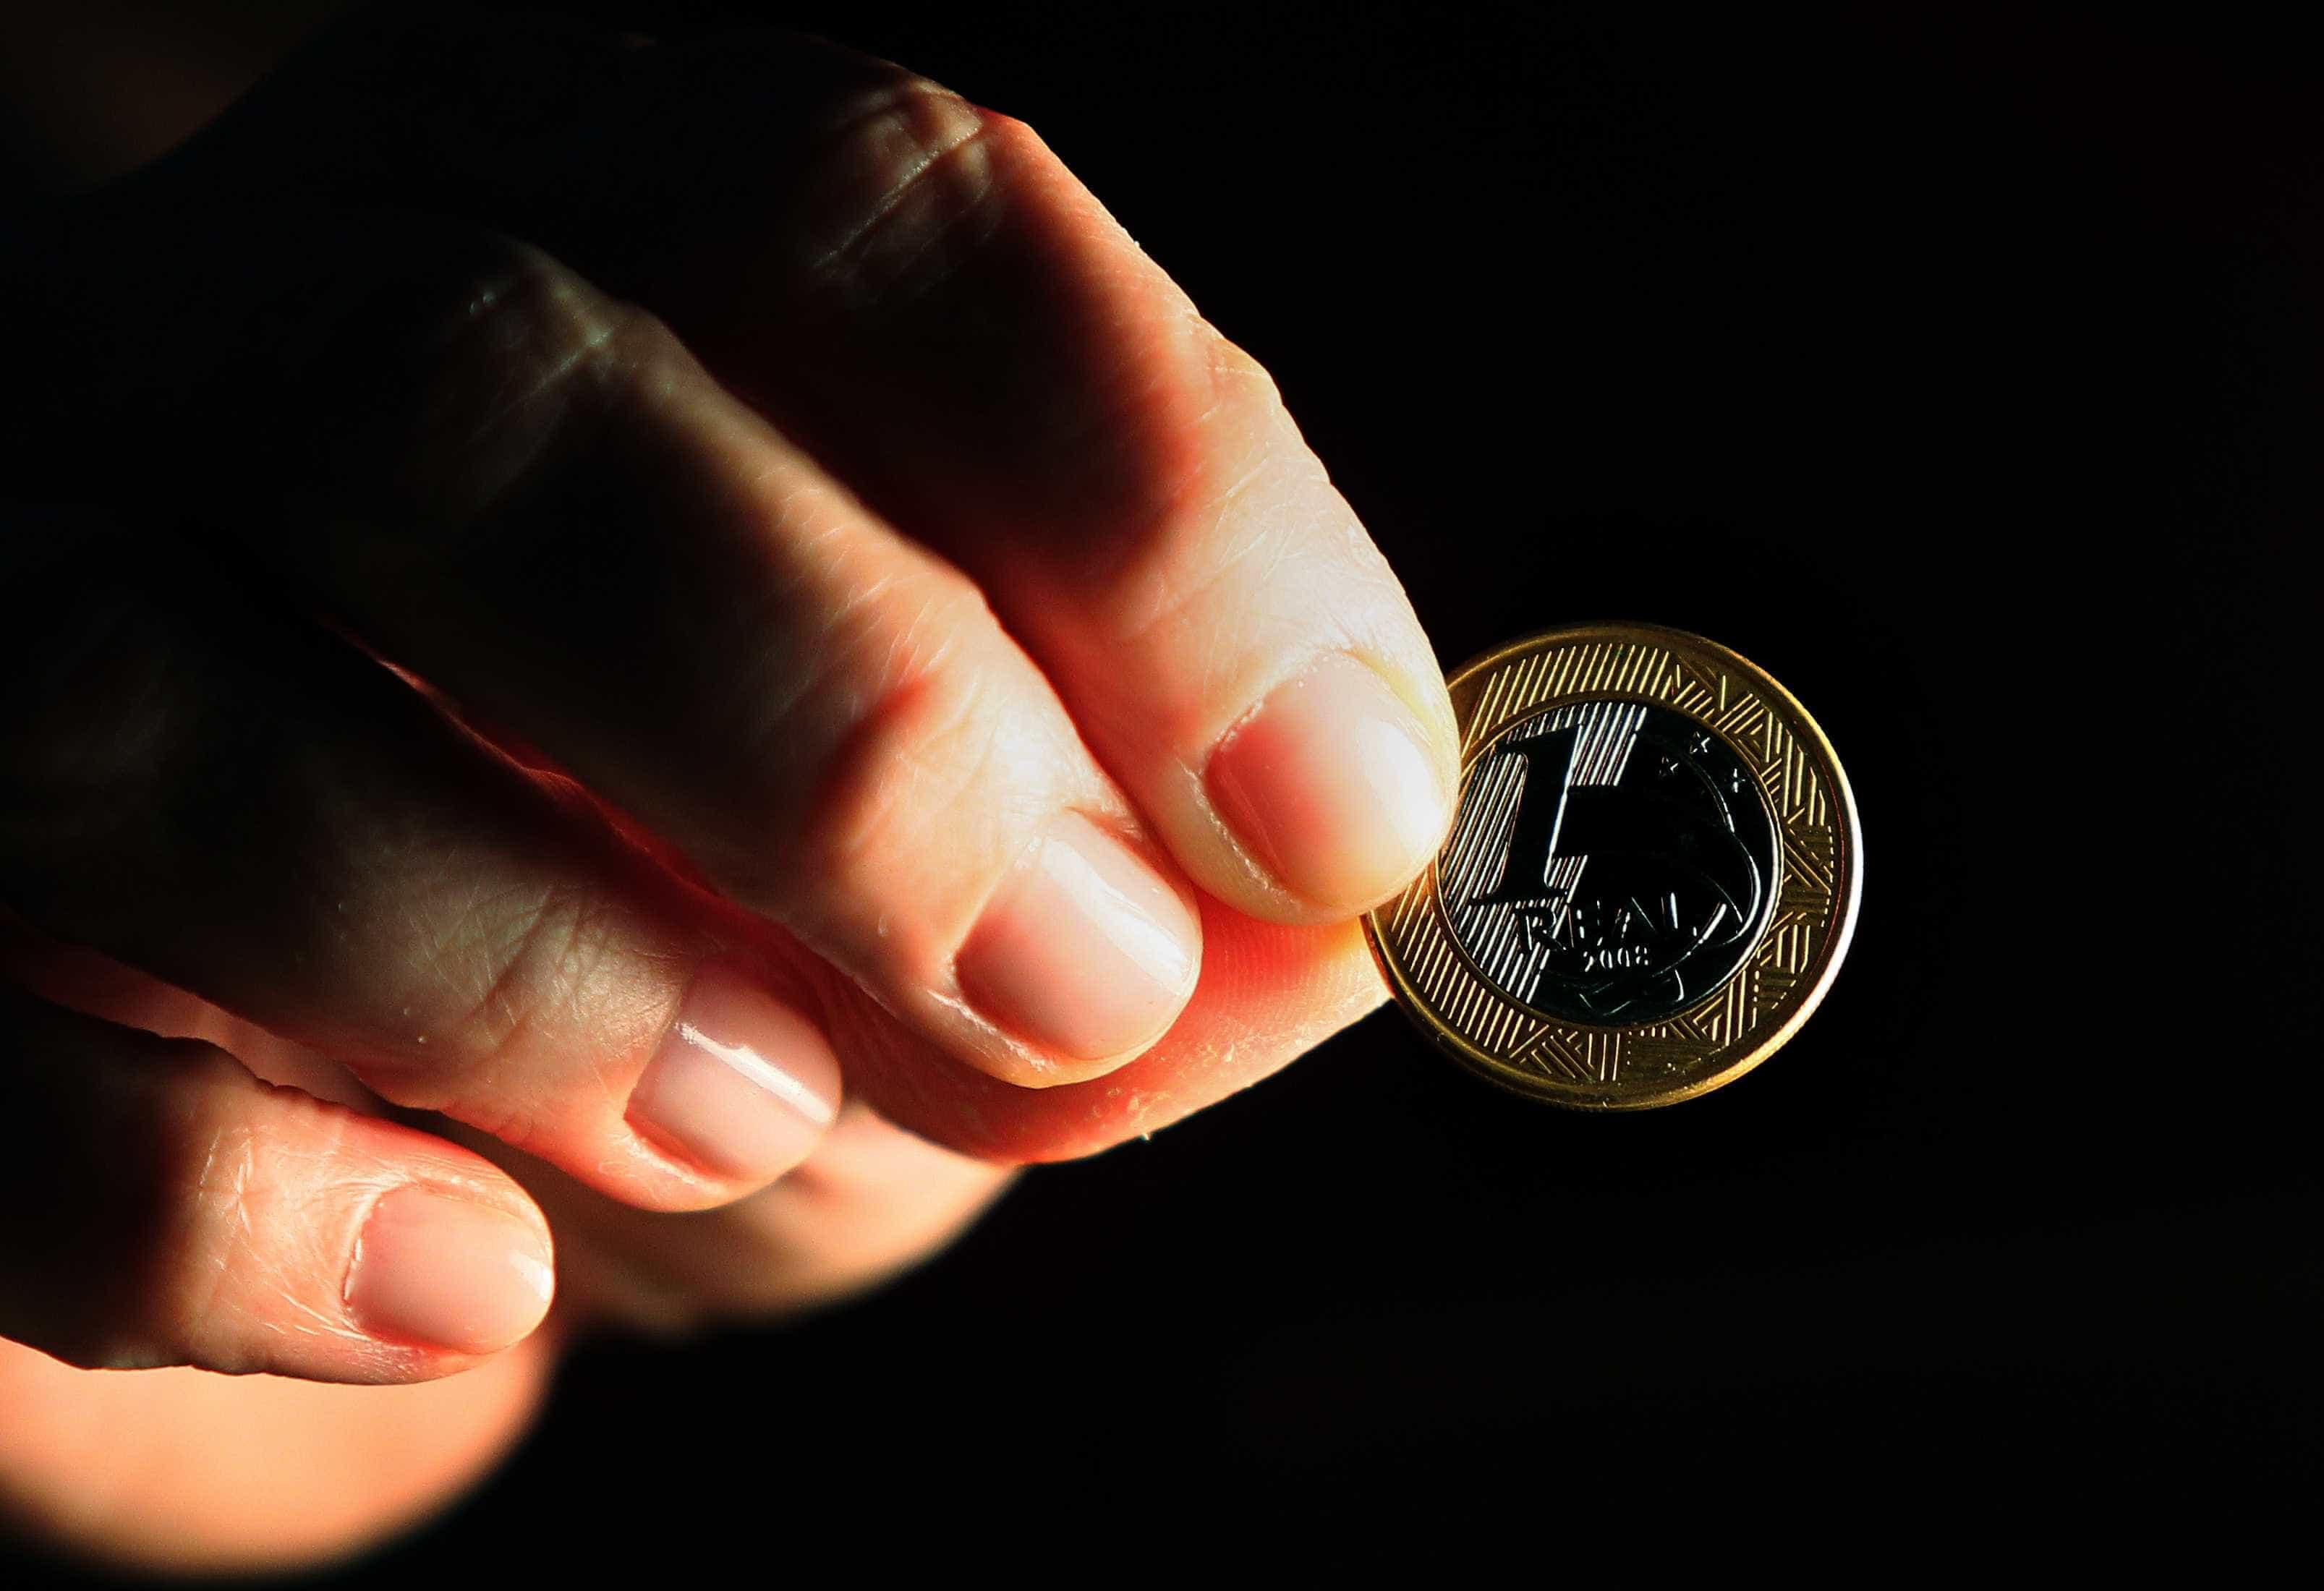 Acordo para compensar perdas na poupança não abrange Plano Collor 1